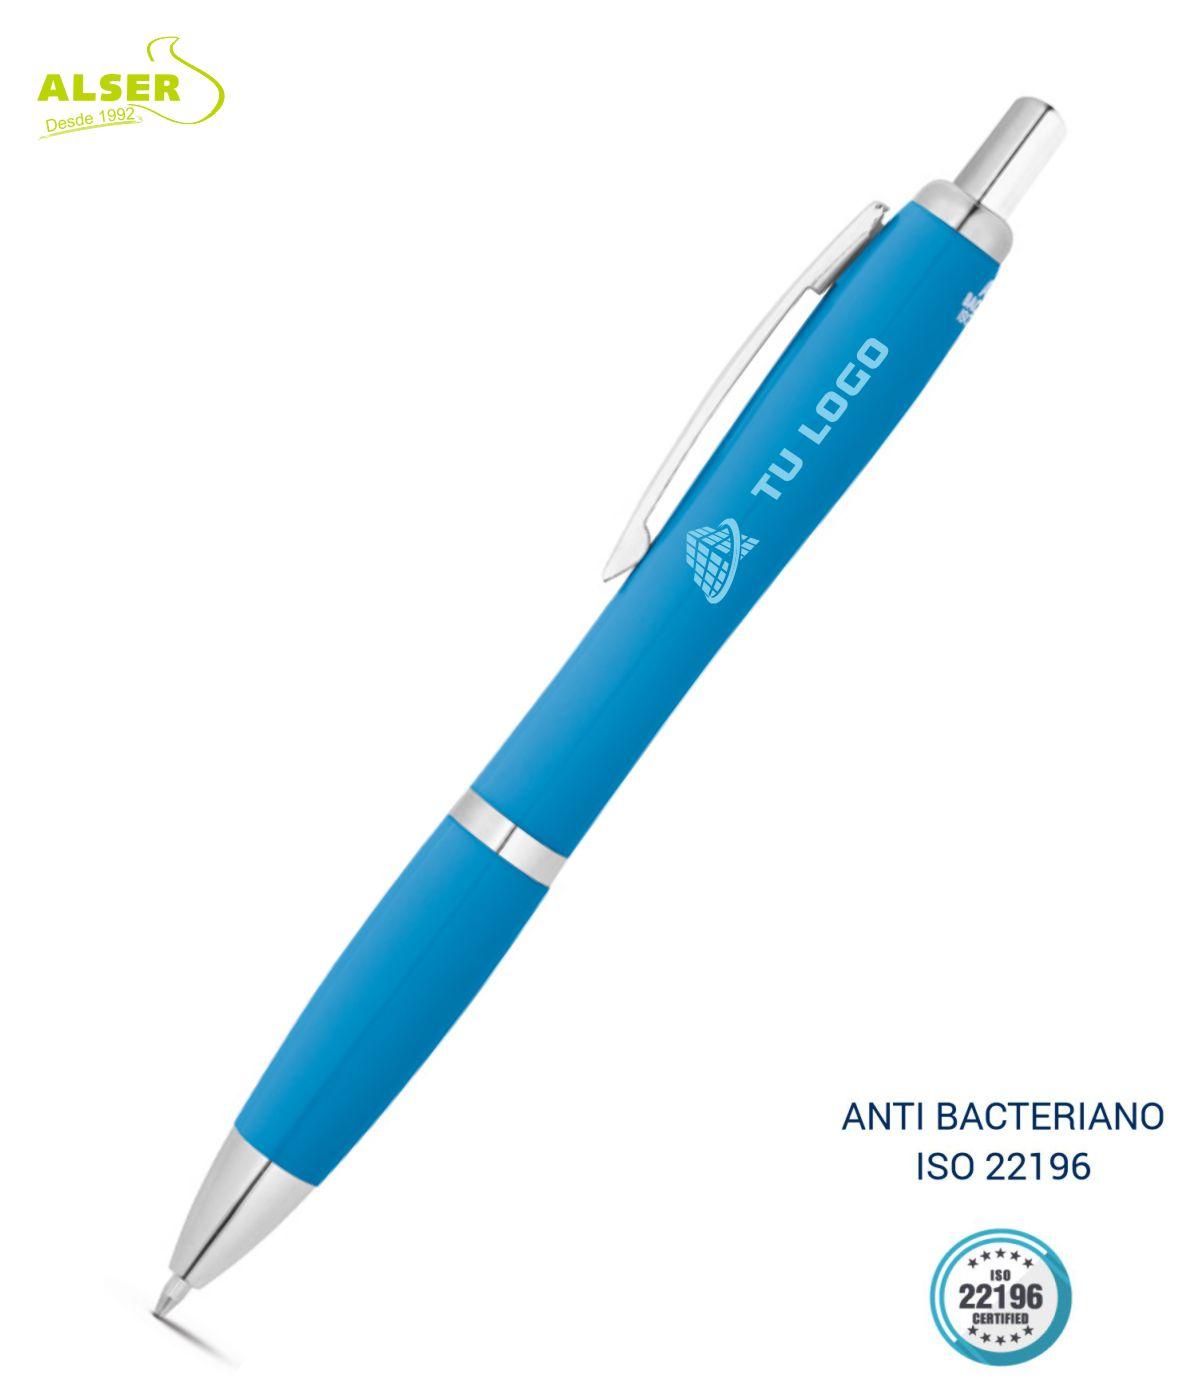 Boligrafo anti bacteriano azul claro